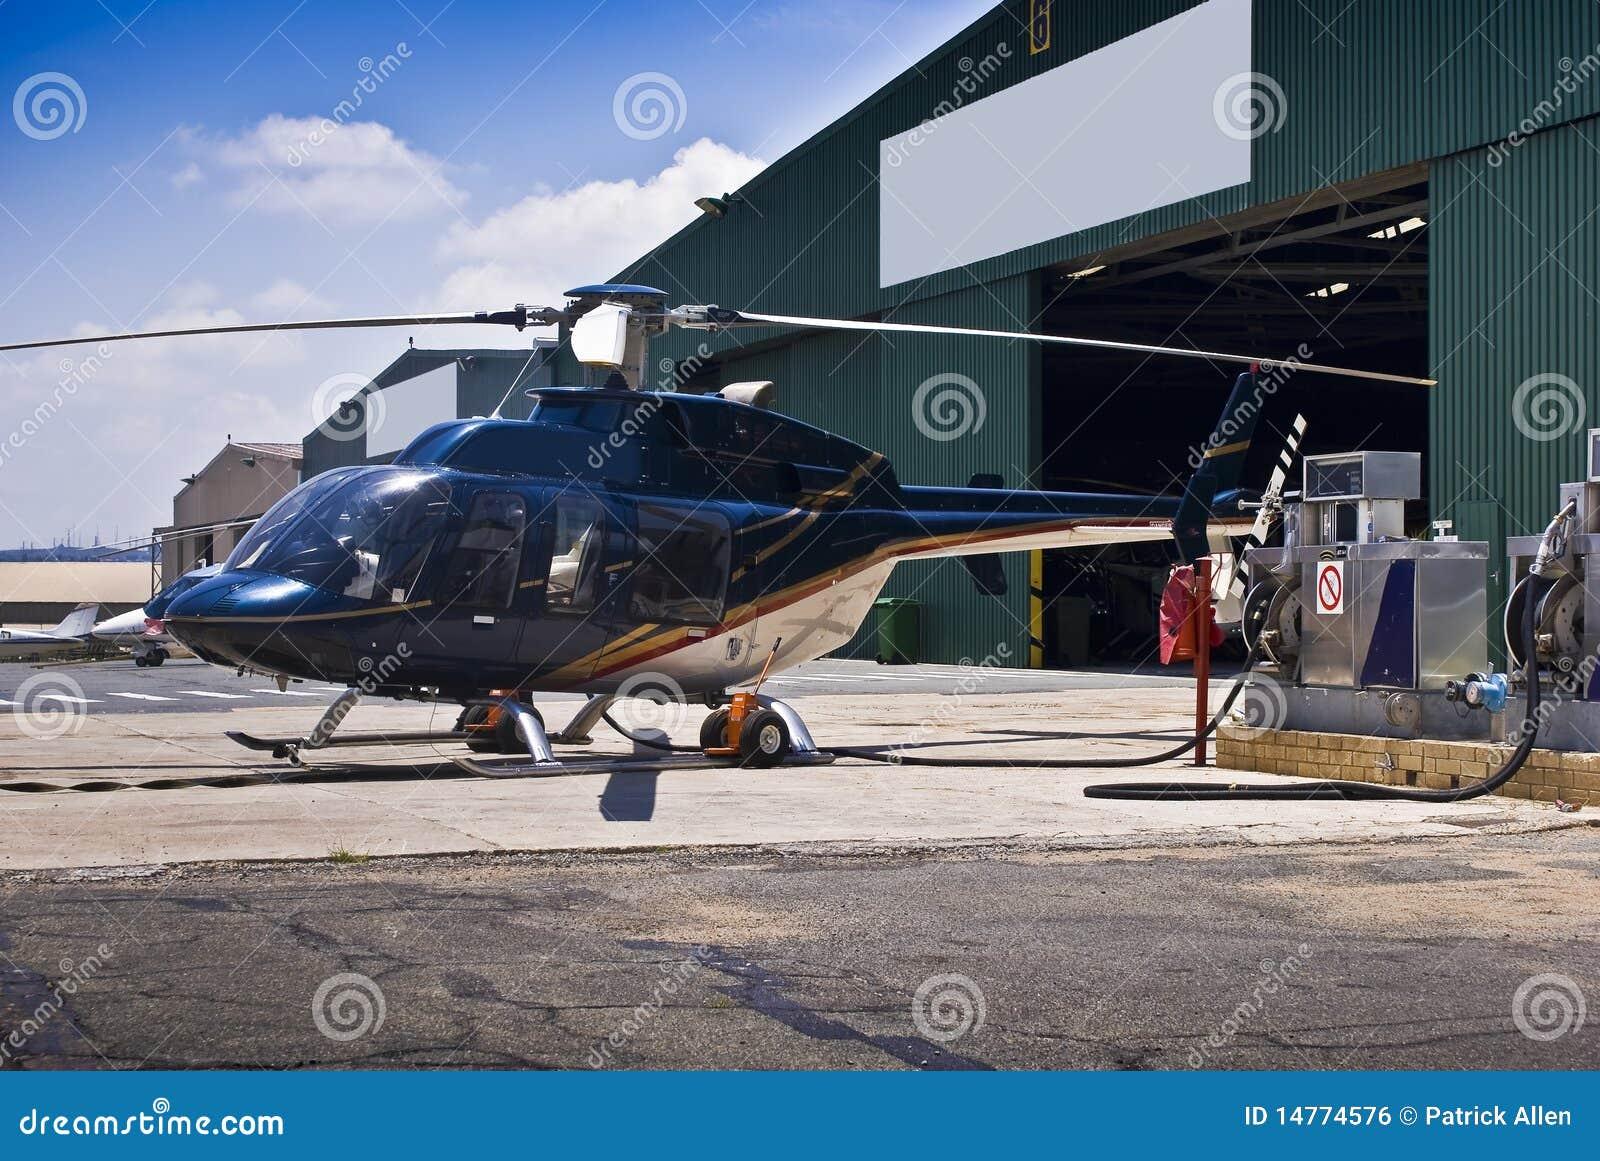 Carburante Elicottero : Elicottero della bell rifornimento di carburante